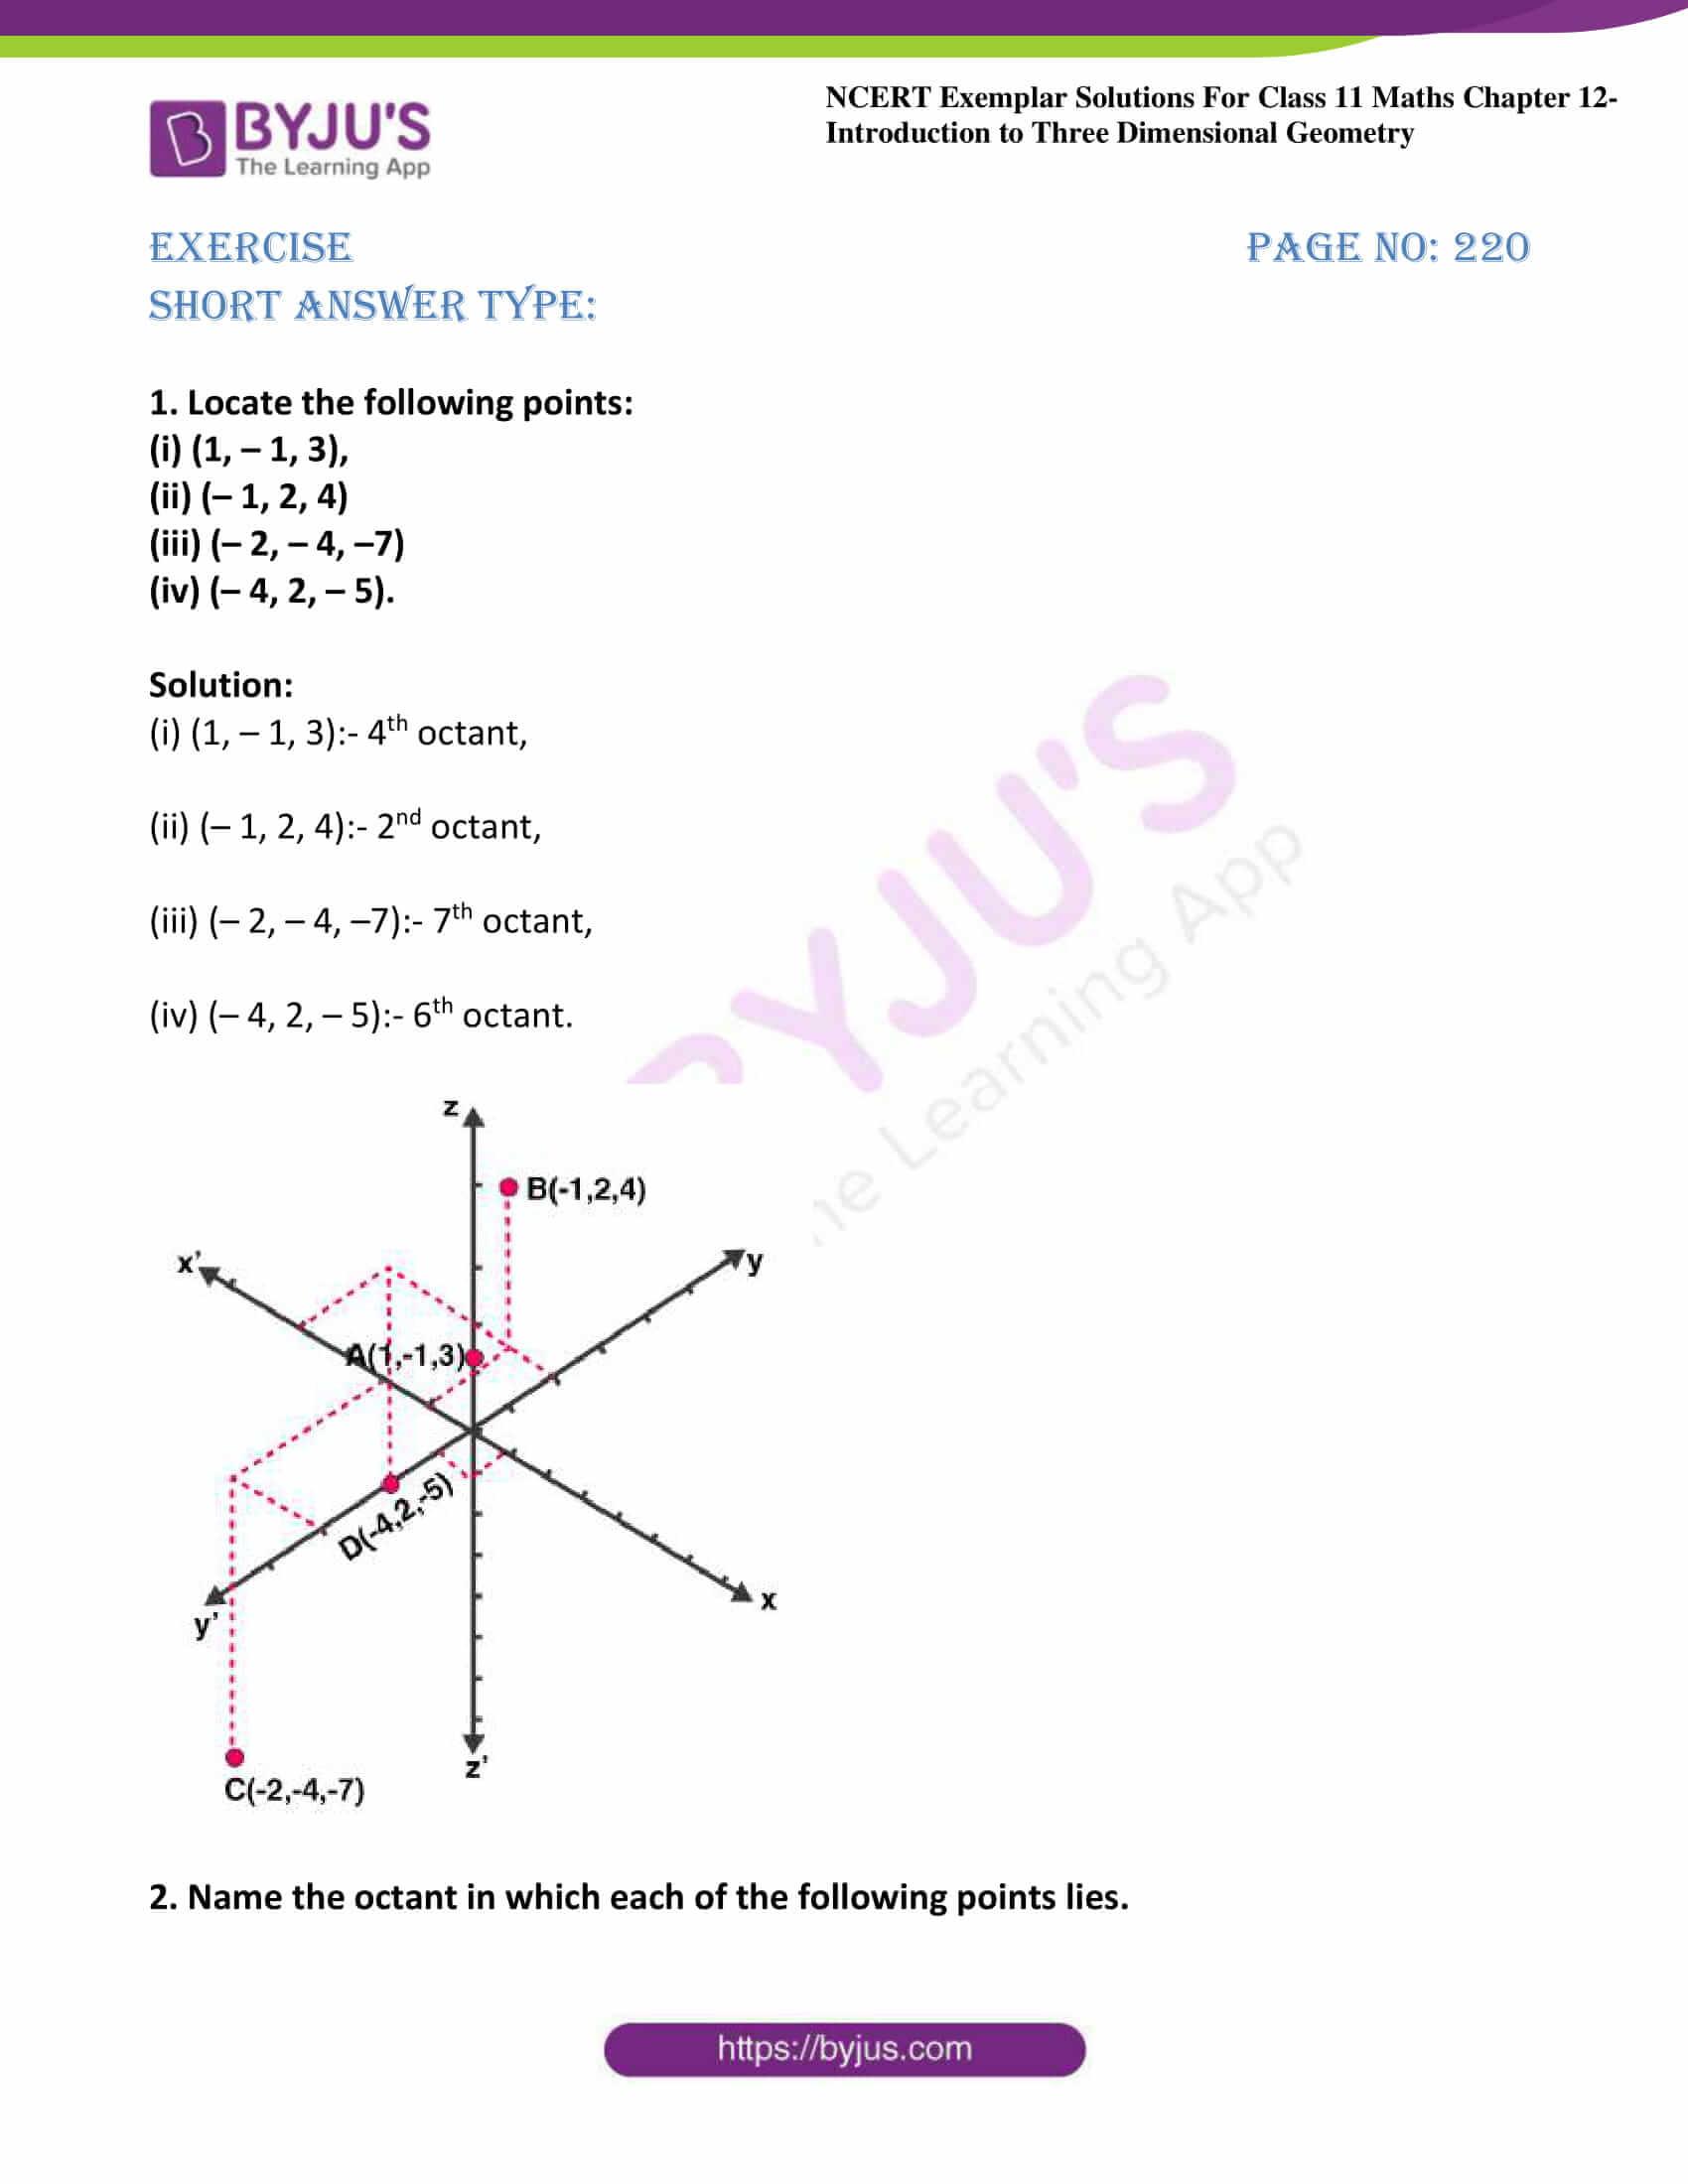 ncert exemplar sol class 11 maths chpt 12 three dimensional 01